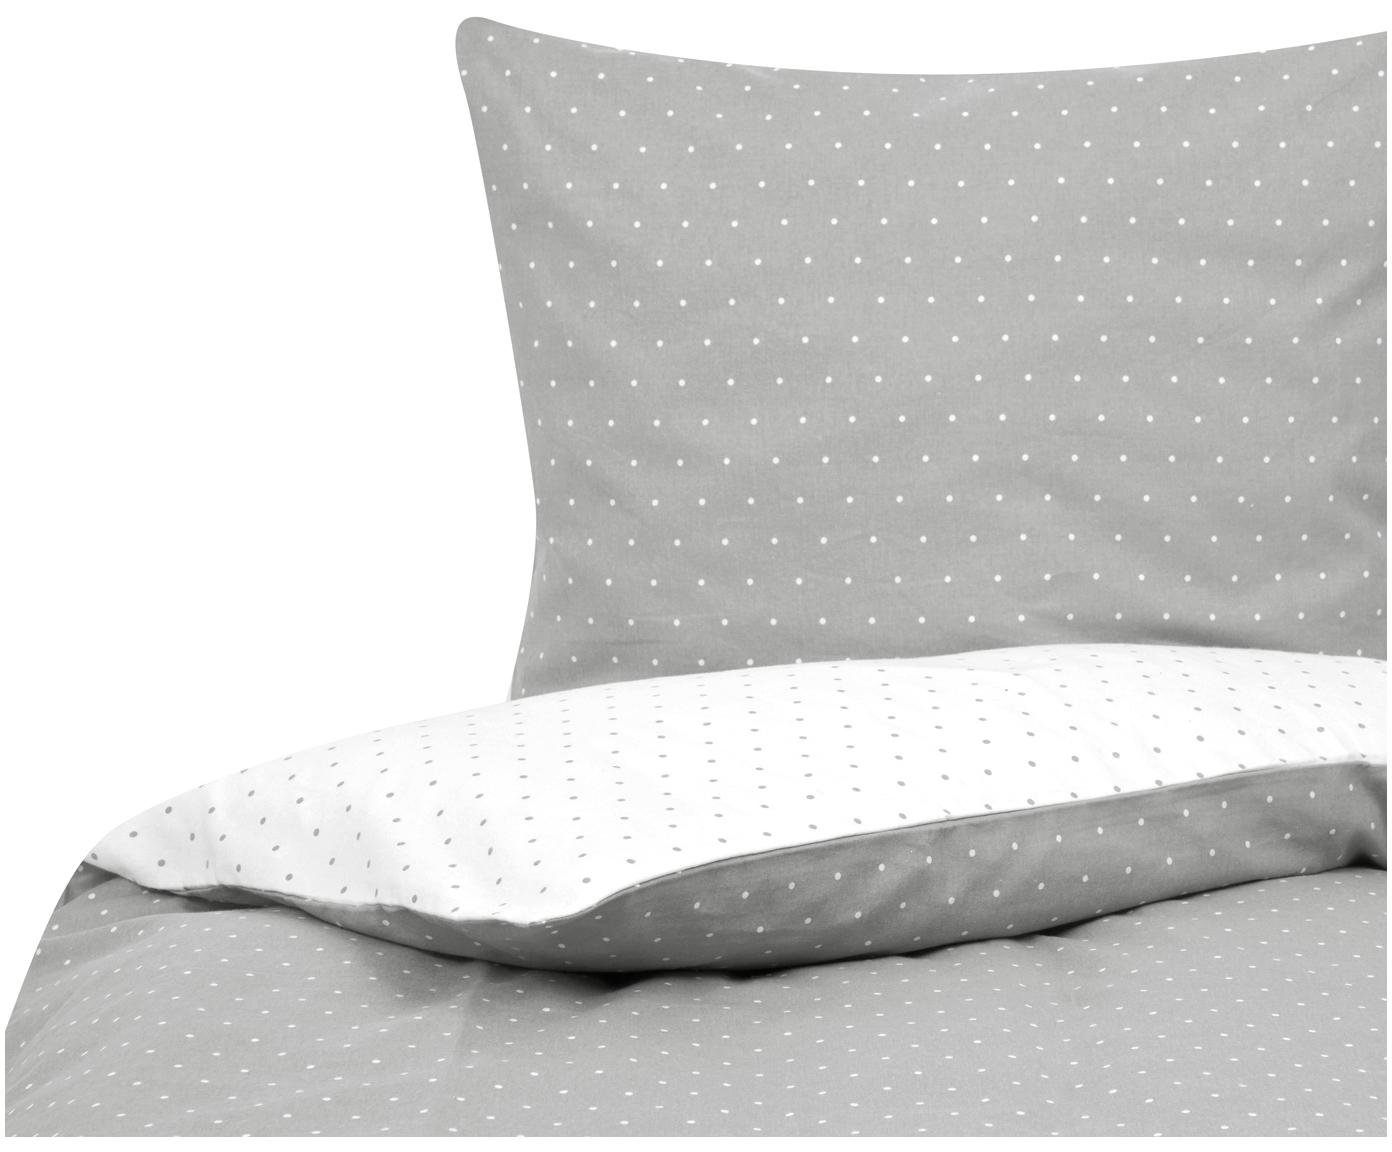 Flanell-Wendebettwäsche Betty, gepunktet, Webart: Flanell Flanell ist ein s, Grau, Weiss, 135 x 200 cm + 1 Kissen 80 x 80 cm